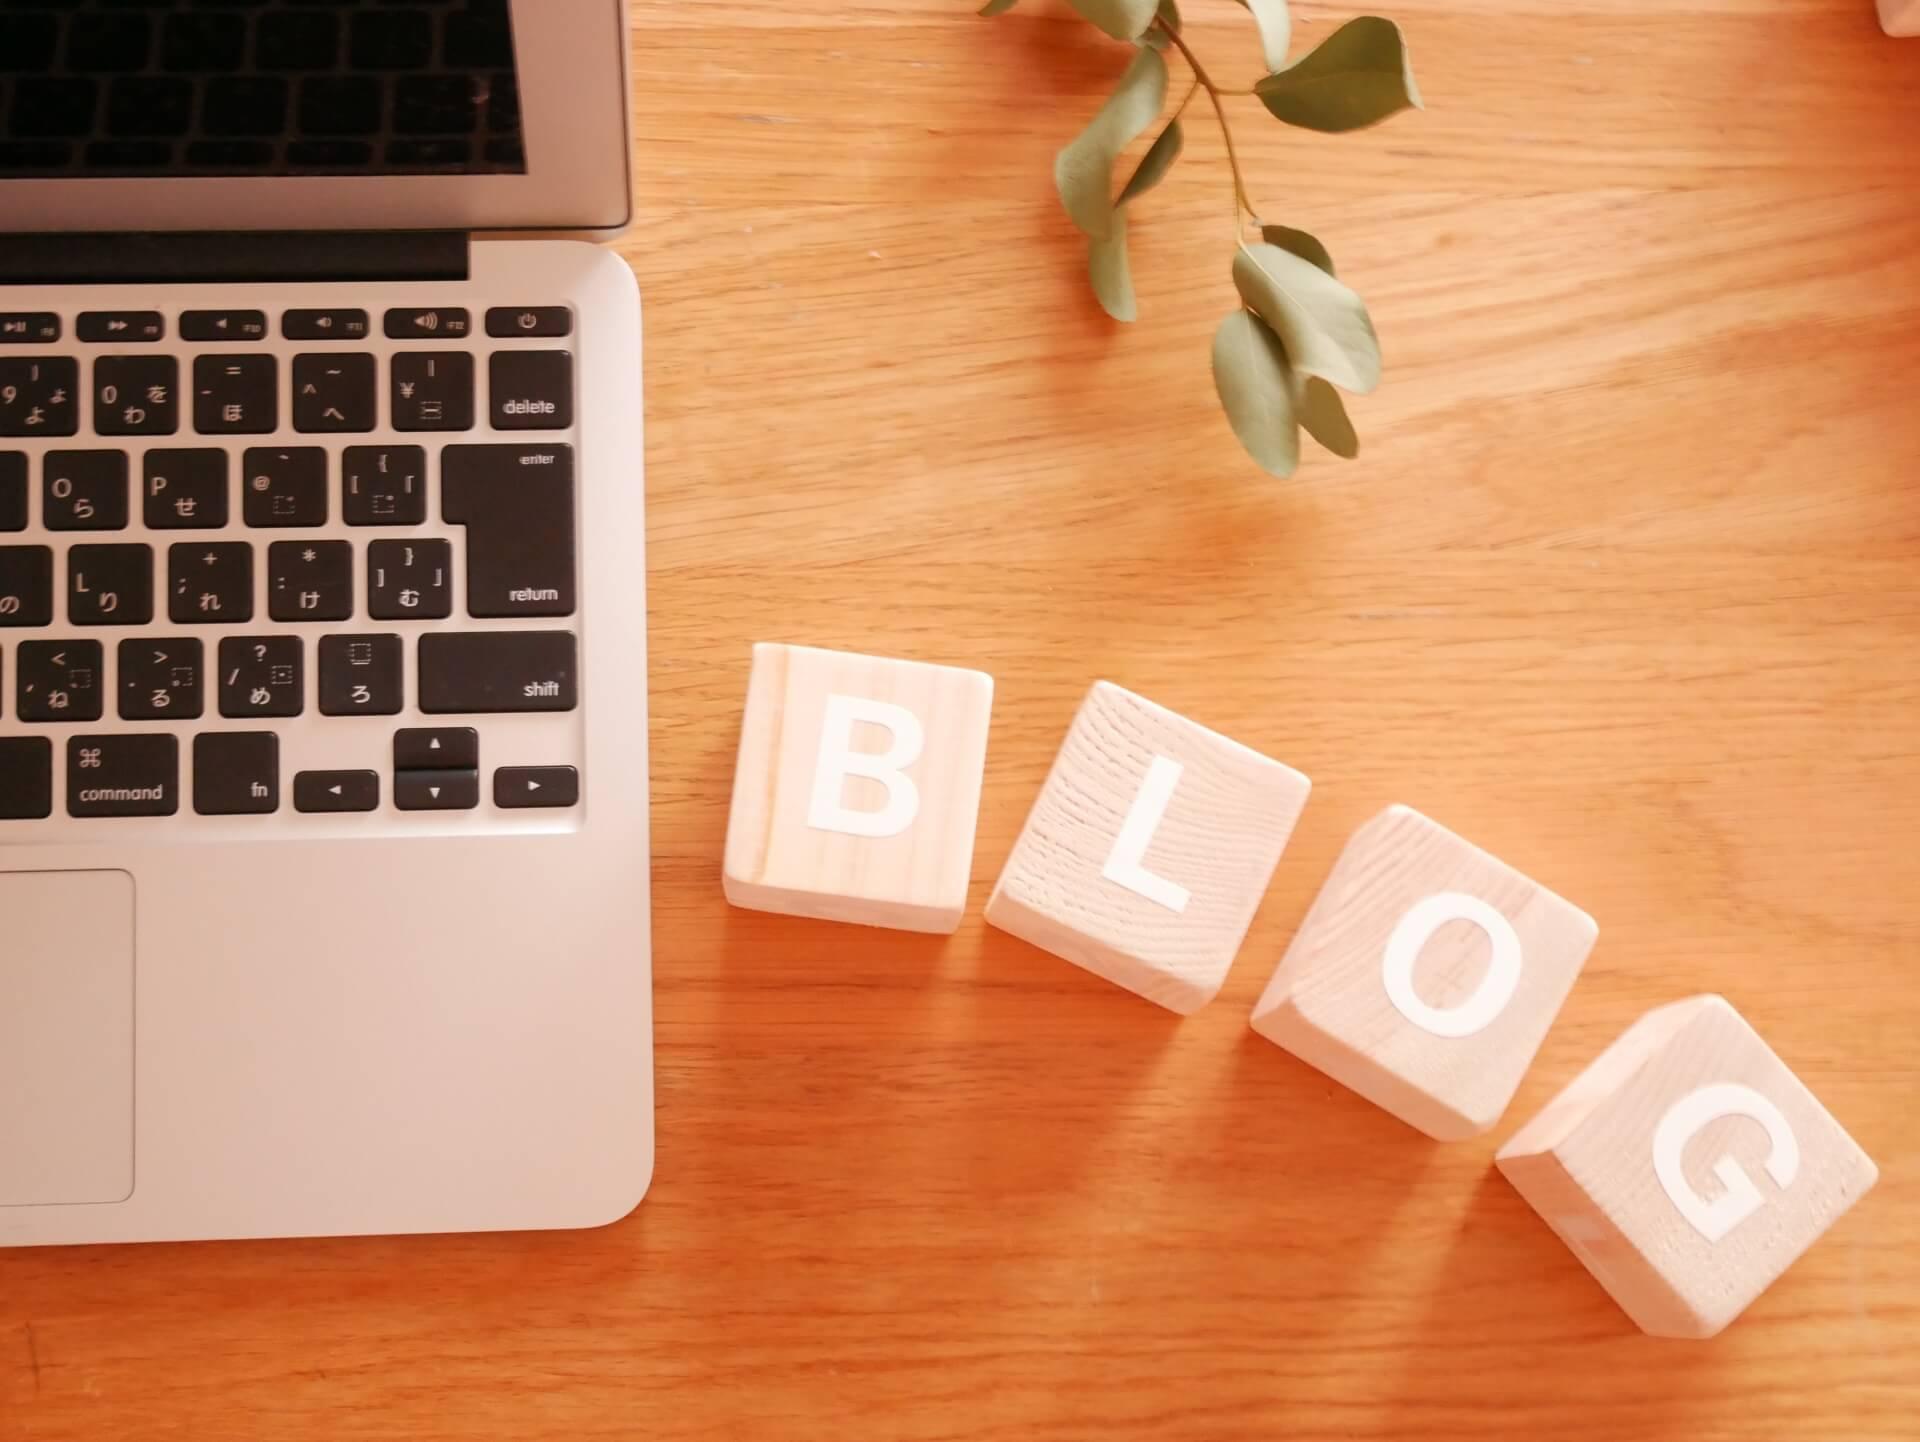 パソコンの横にブログという英語の言葉